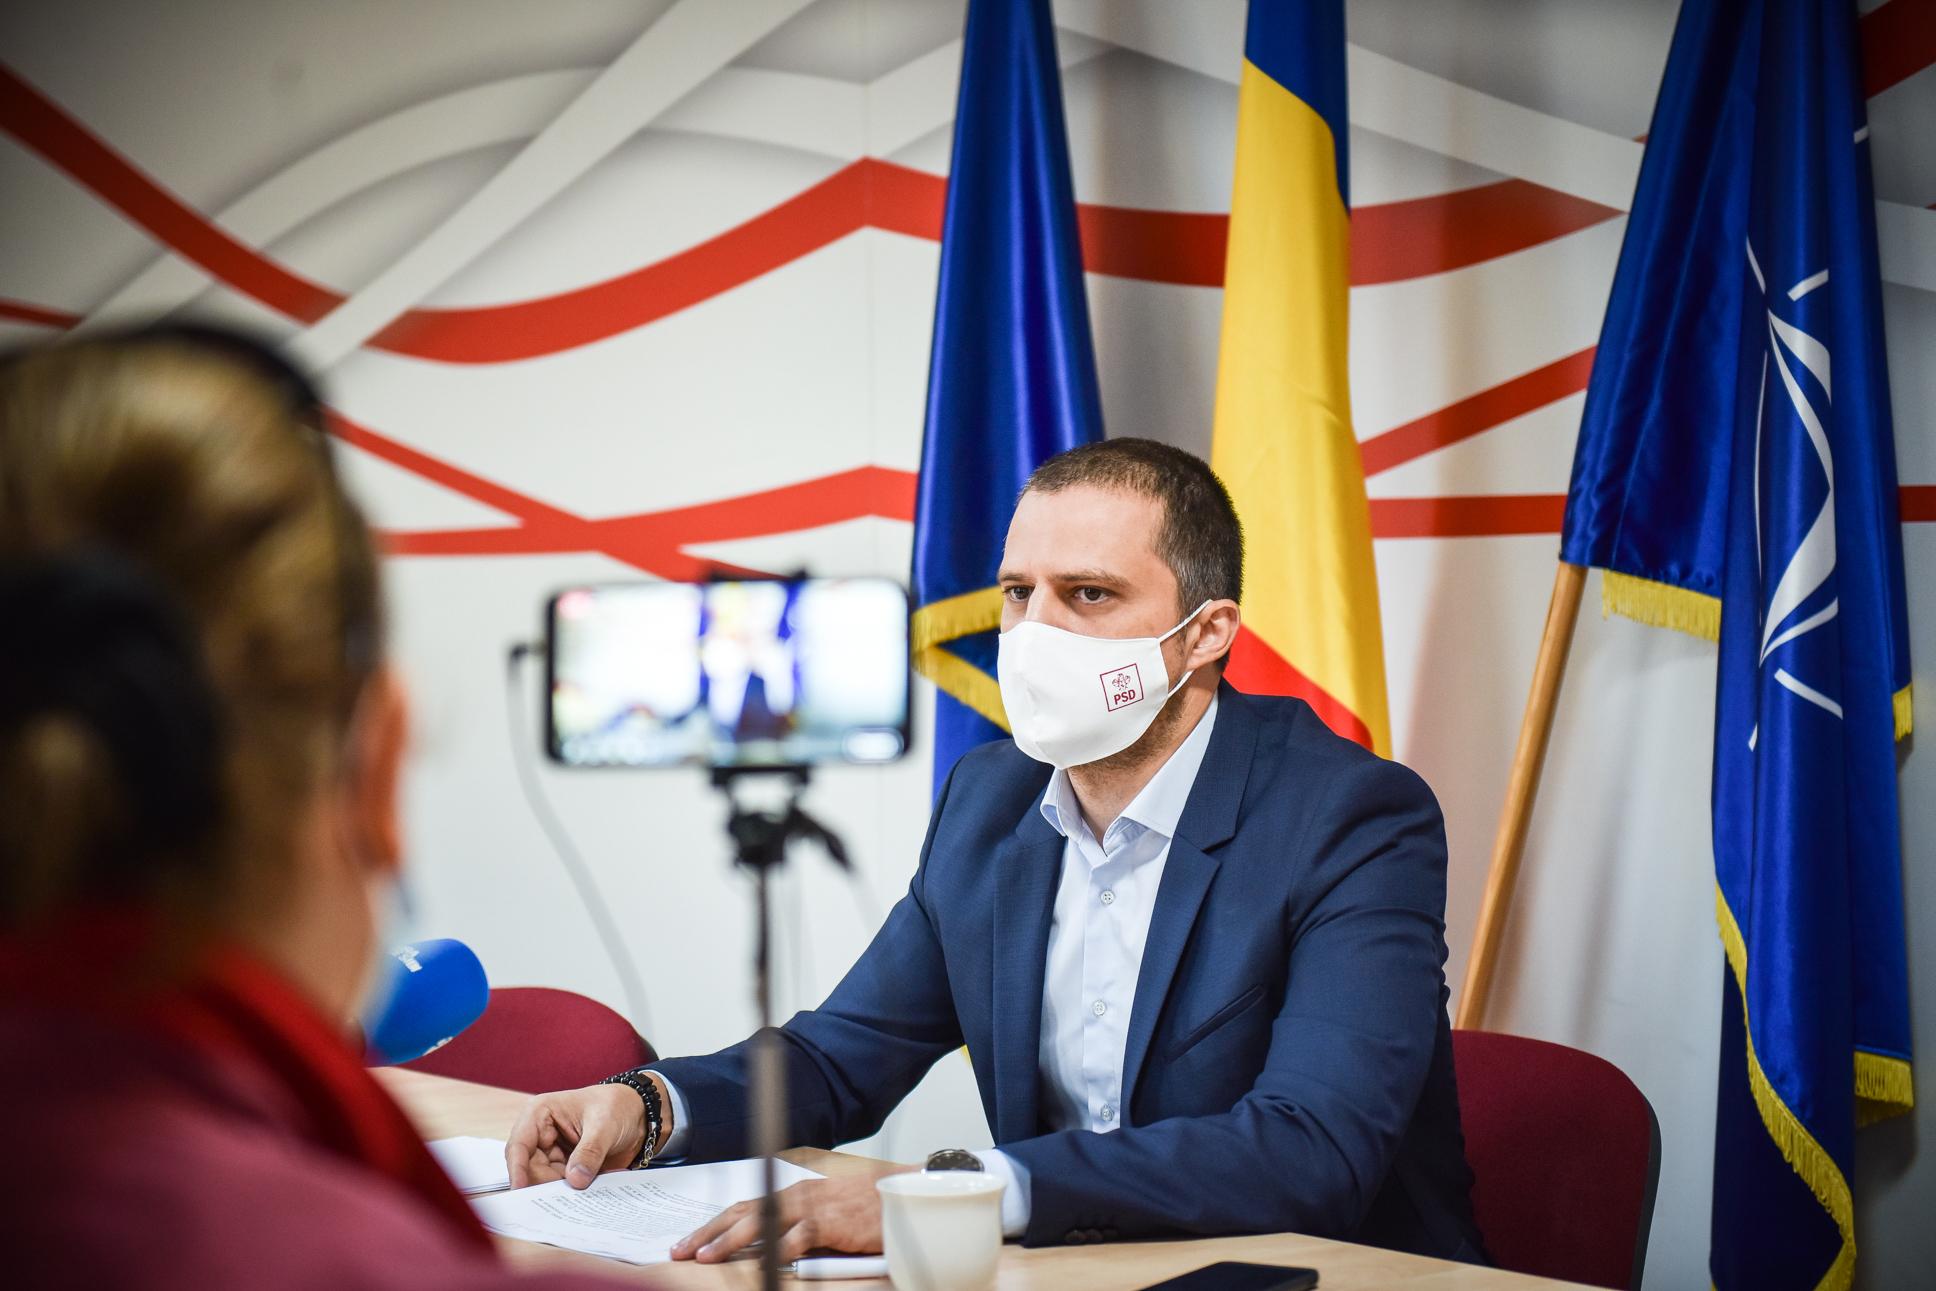 Trif, liderul PSD Sibiu: ne dorim alegeri anticipate. Avem cât PNL, USR și AUR la un loc